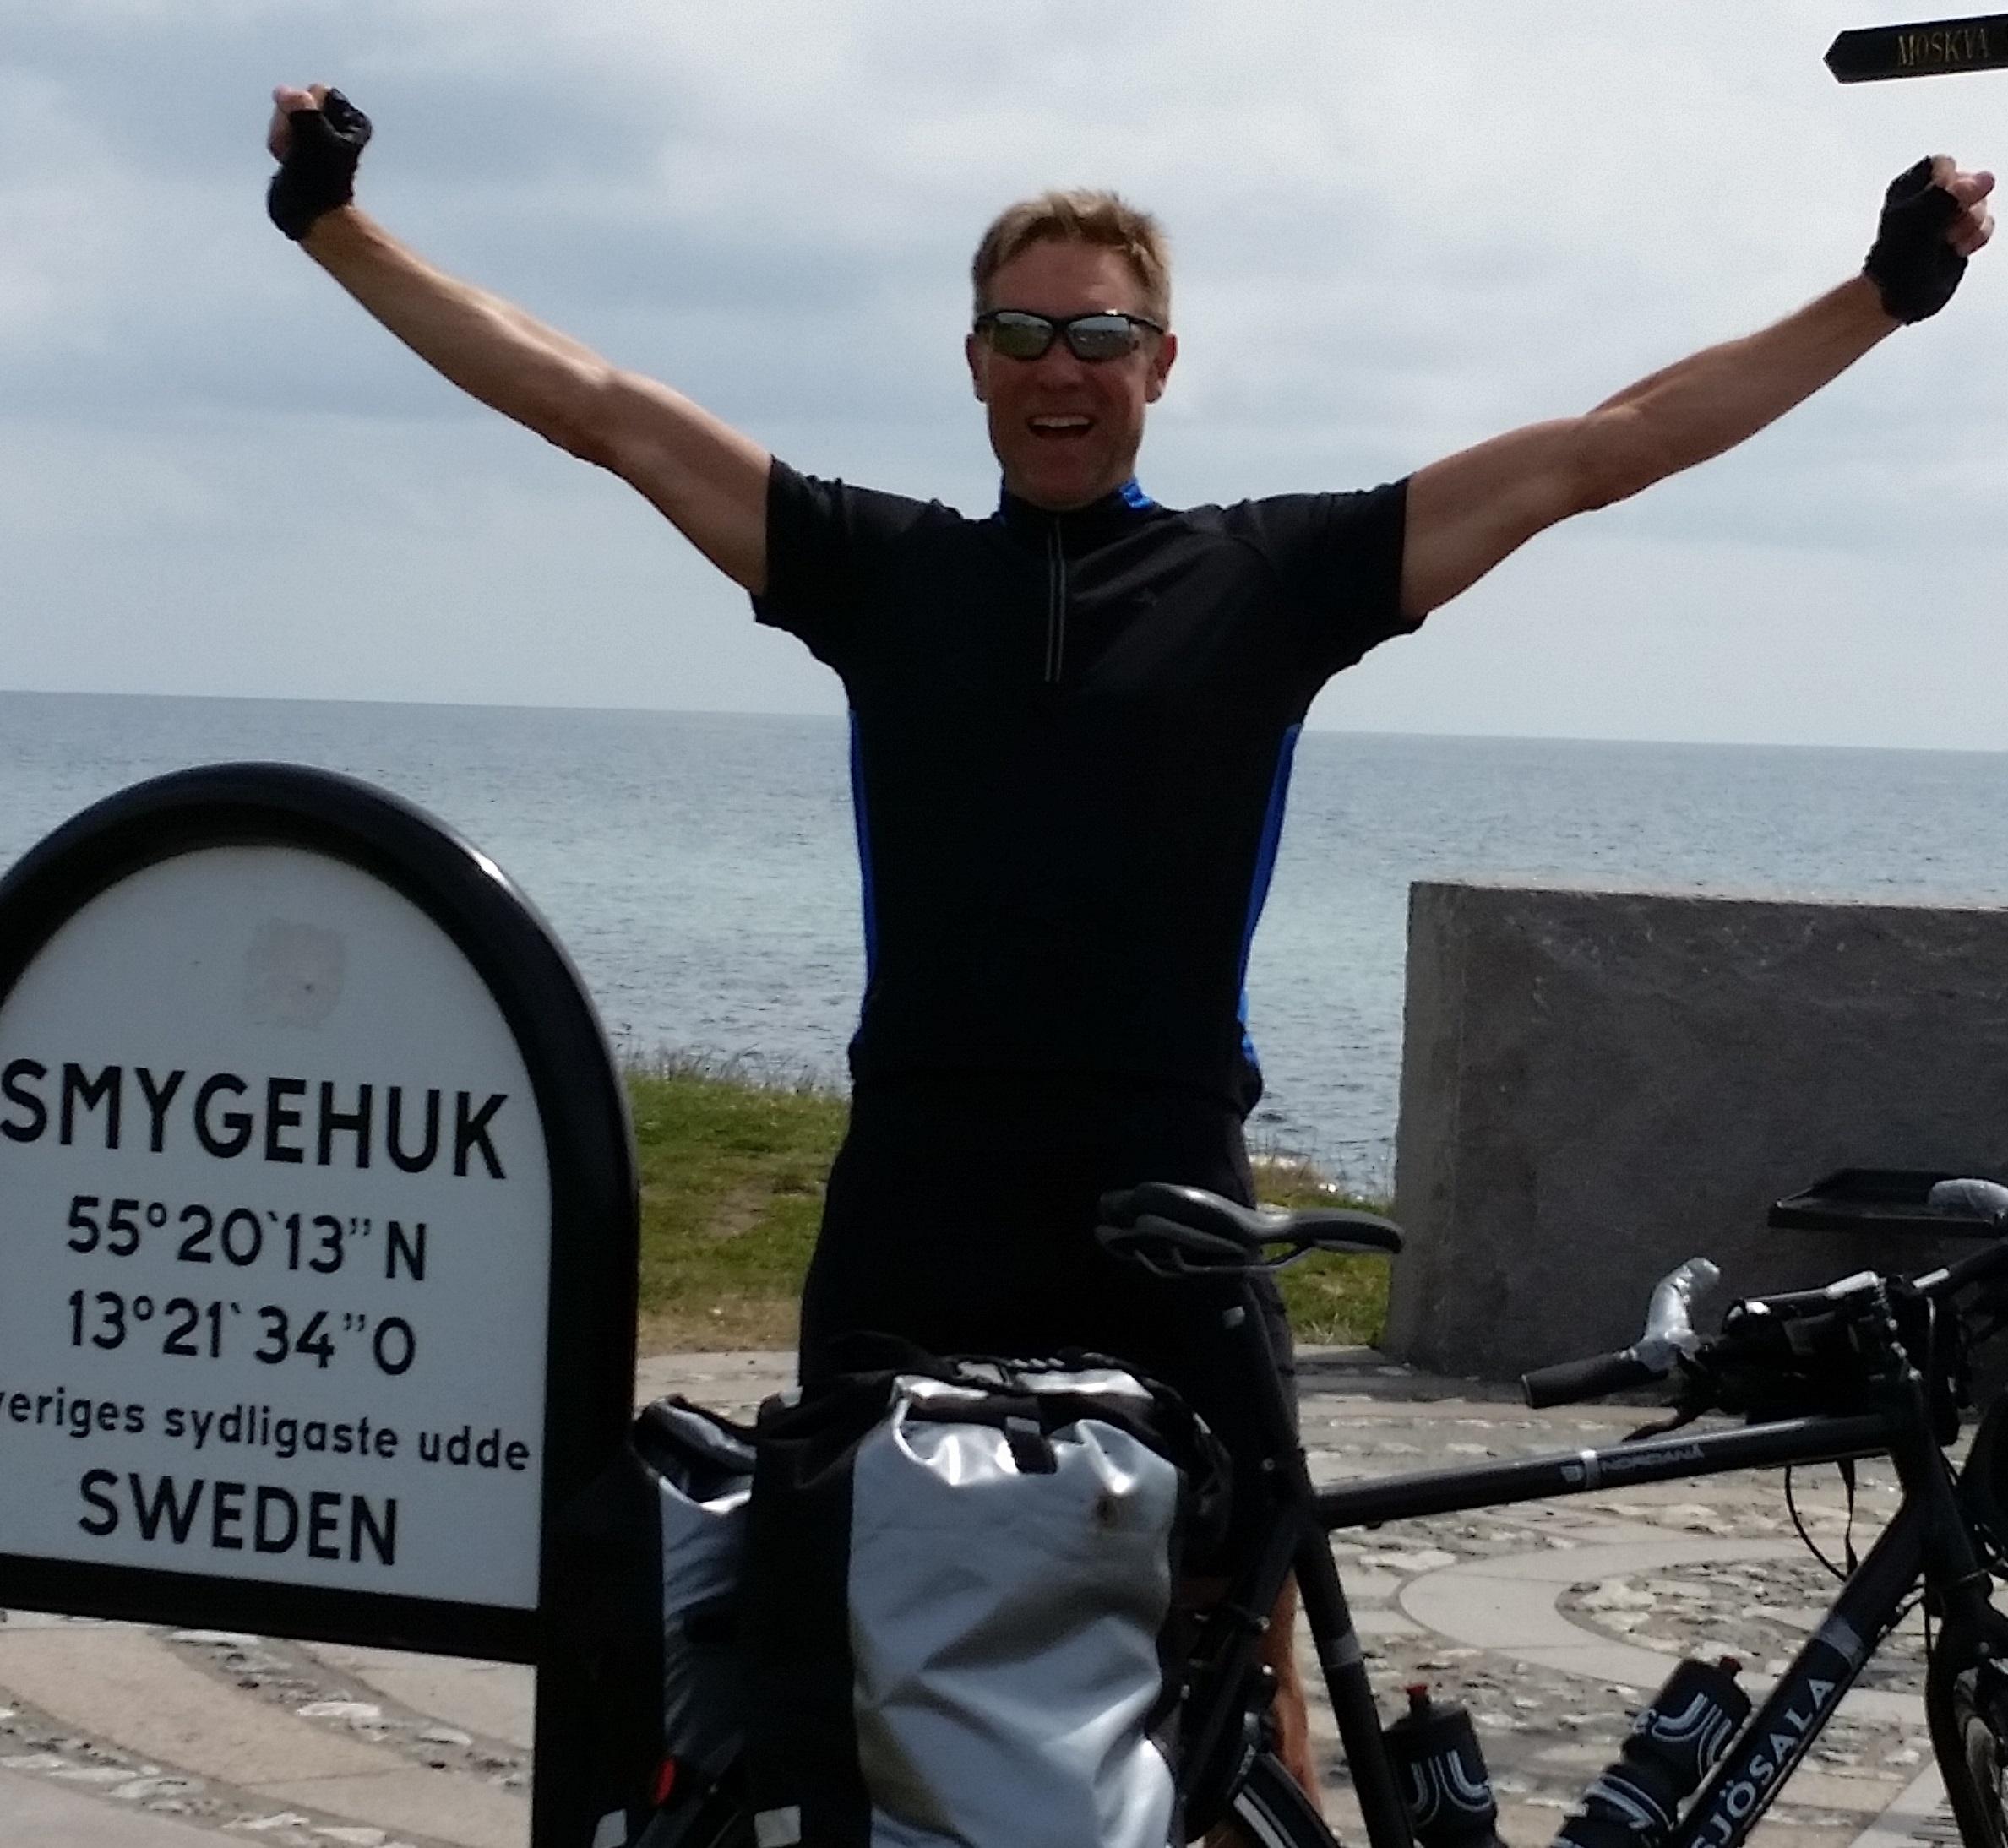 Stefan Wendt Smygehuk